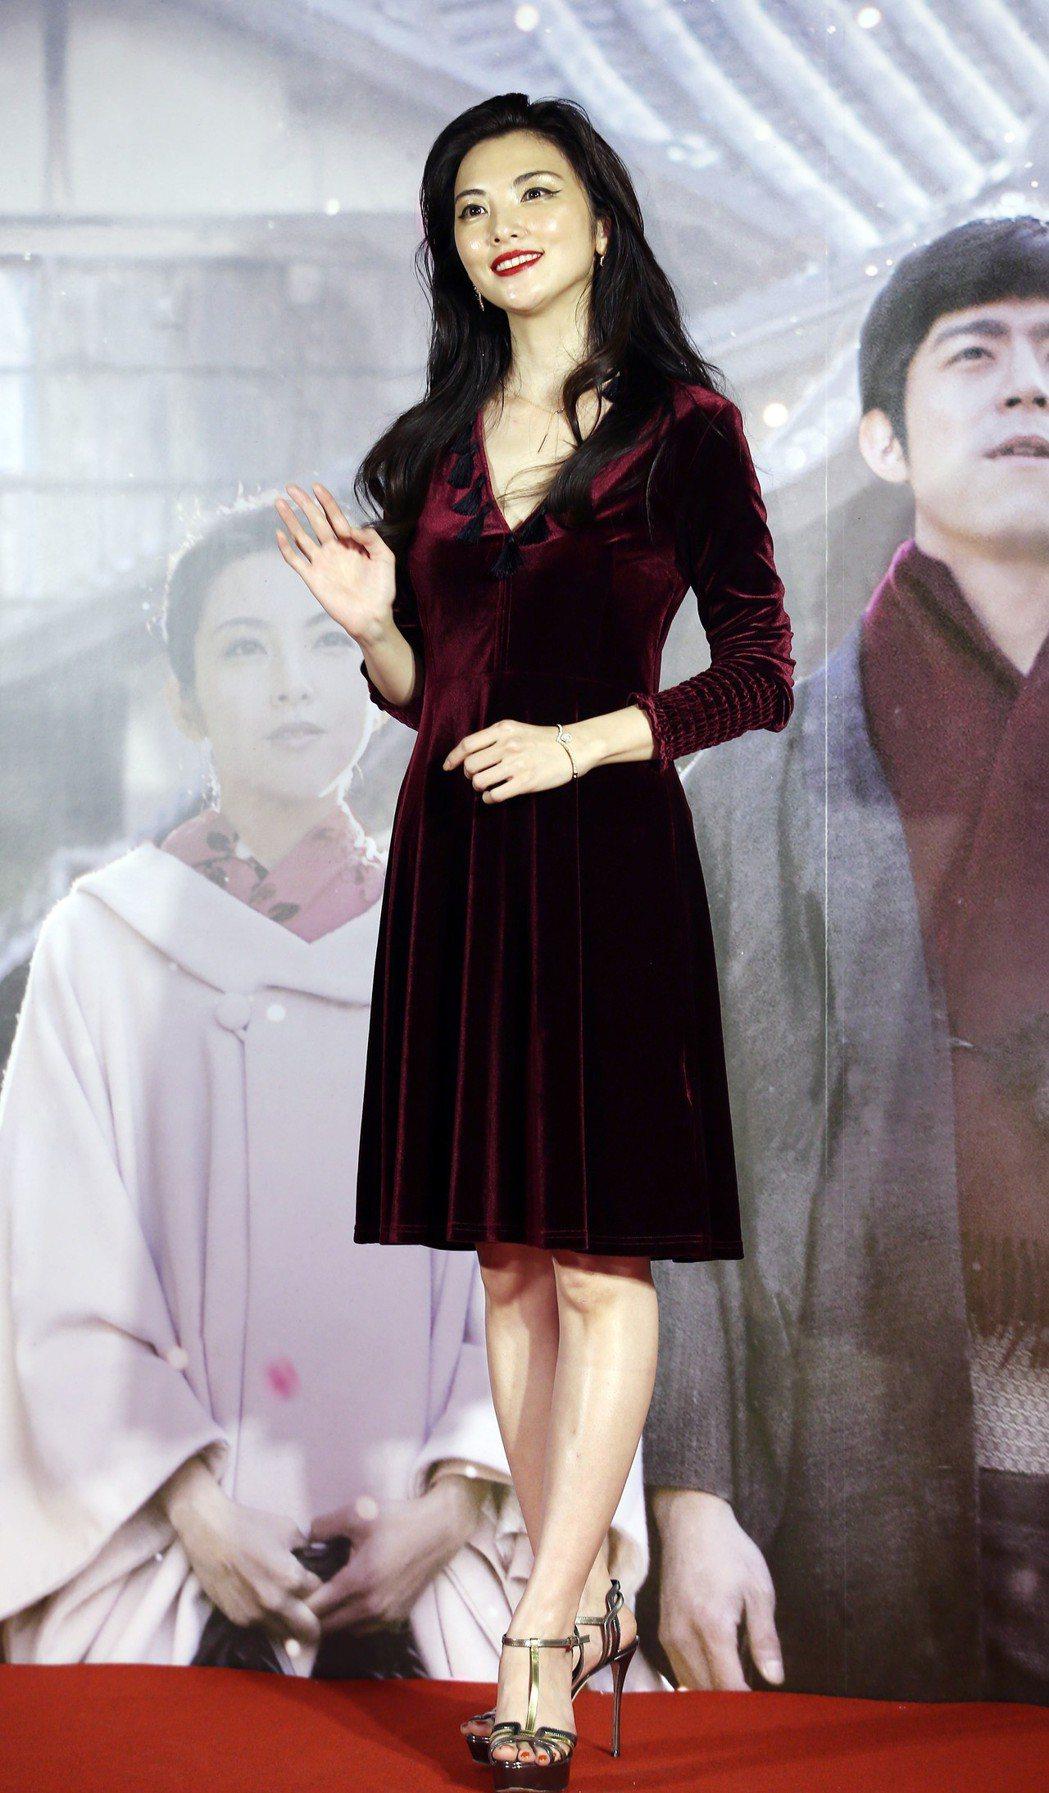 電影《盛情款待》舉行首映會,女主角田中麗奈講得一口流利中文。記者杜建重/攝影